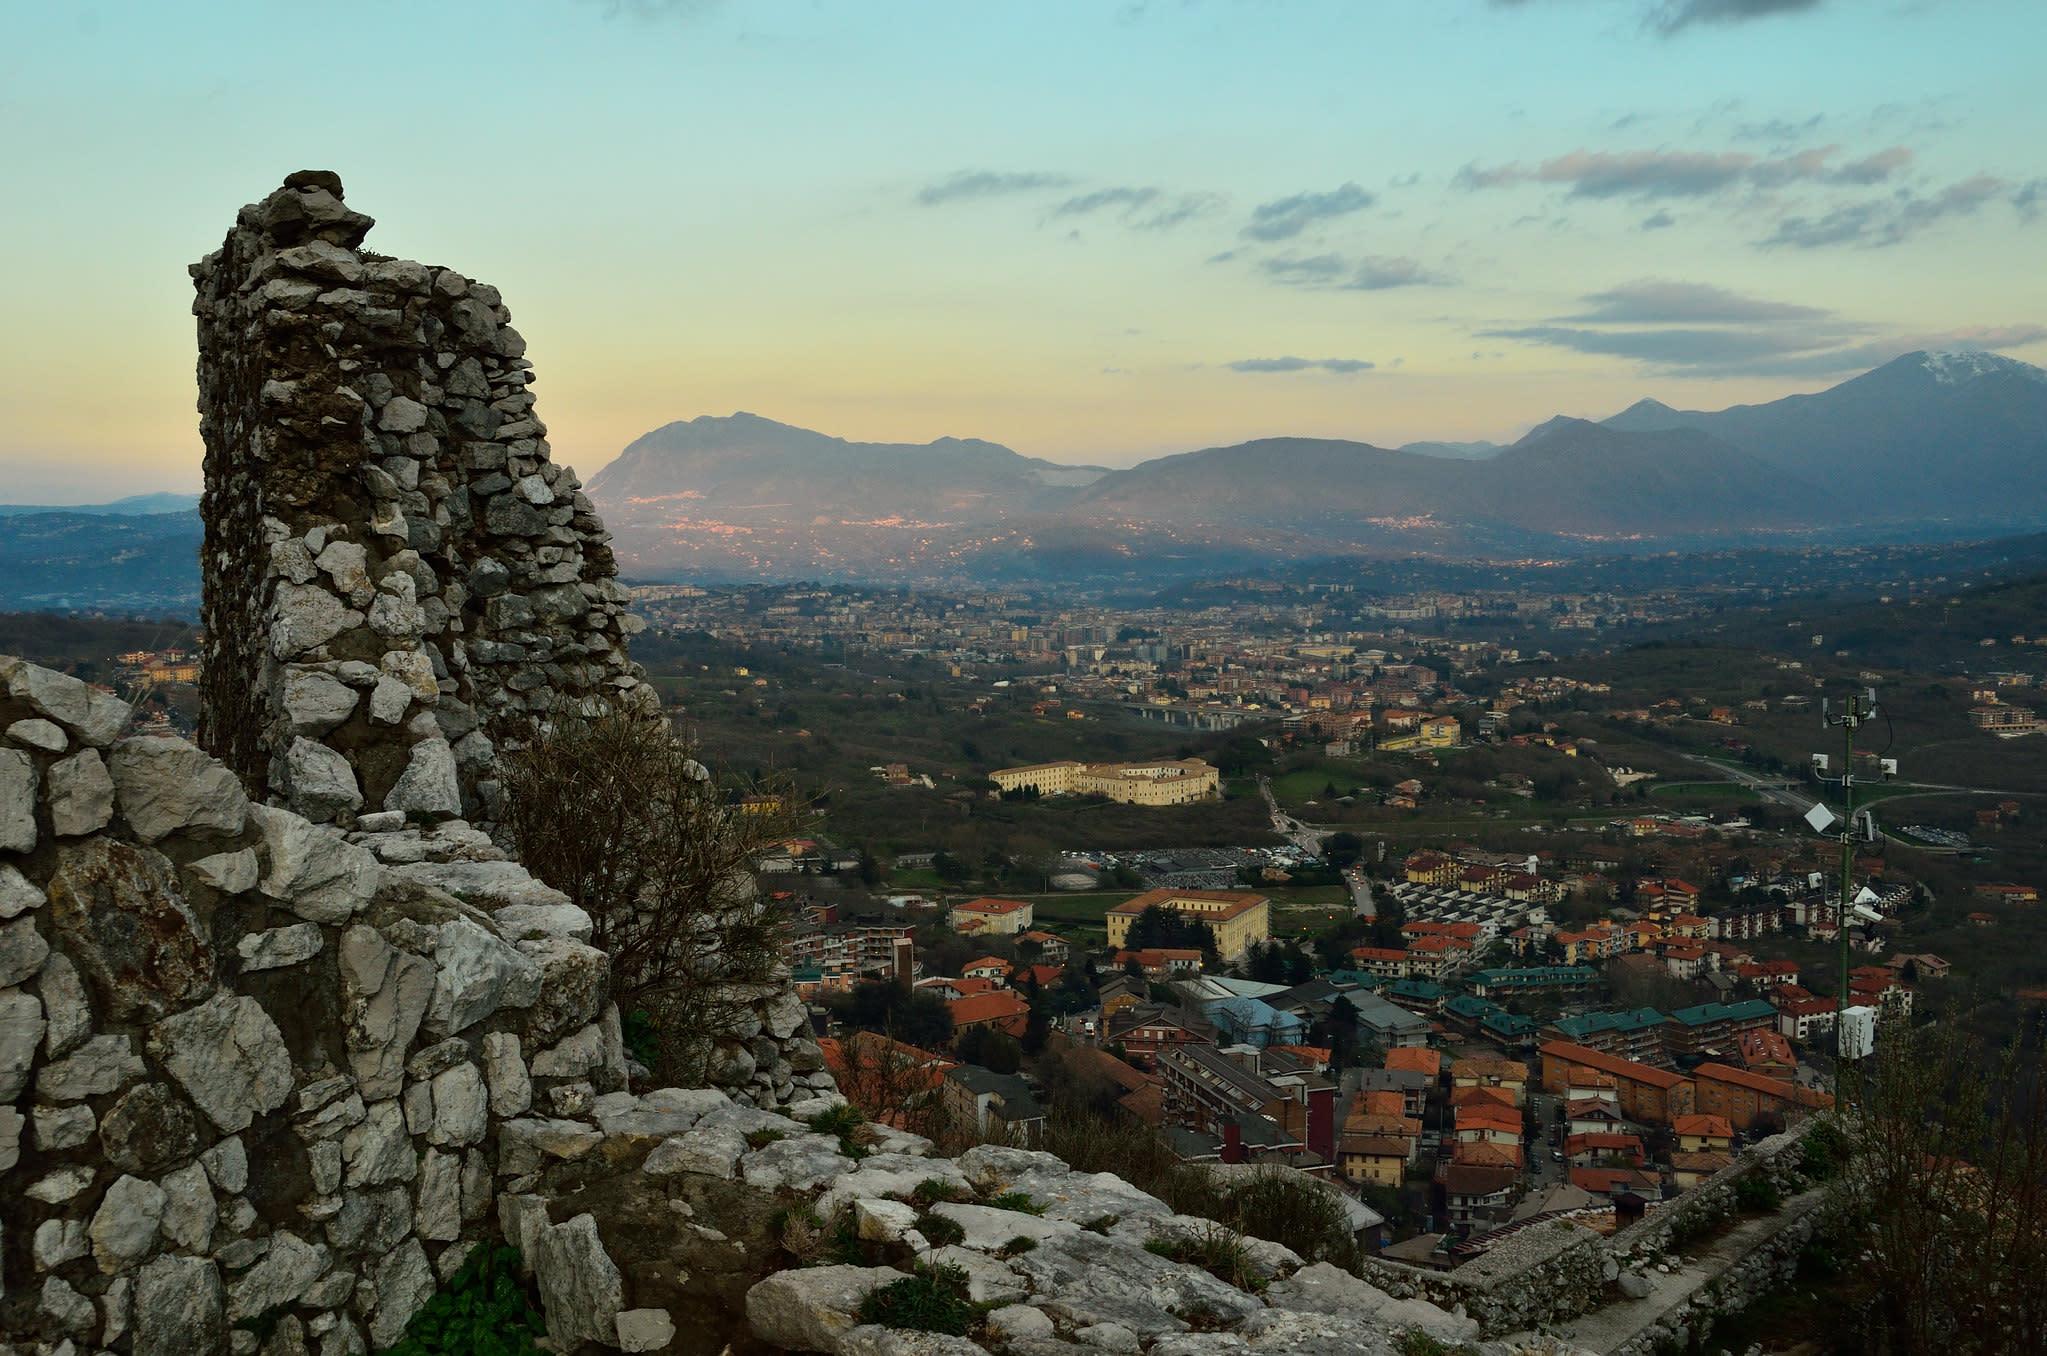 Offerte cenone di Capodanno con pernottamento in Campania ...